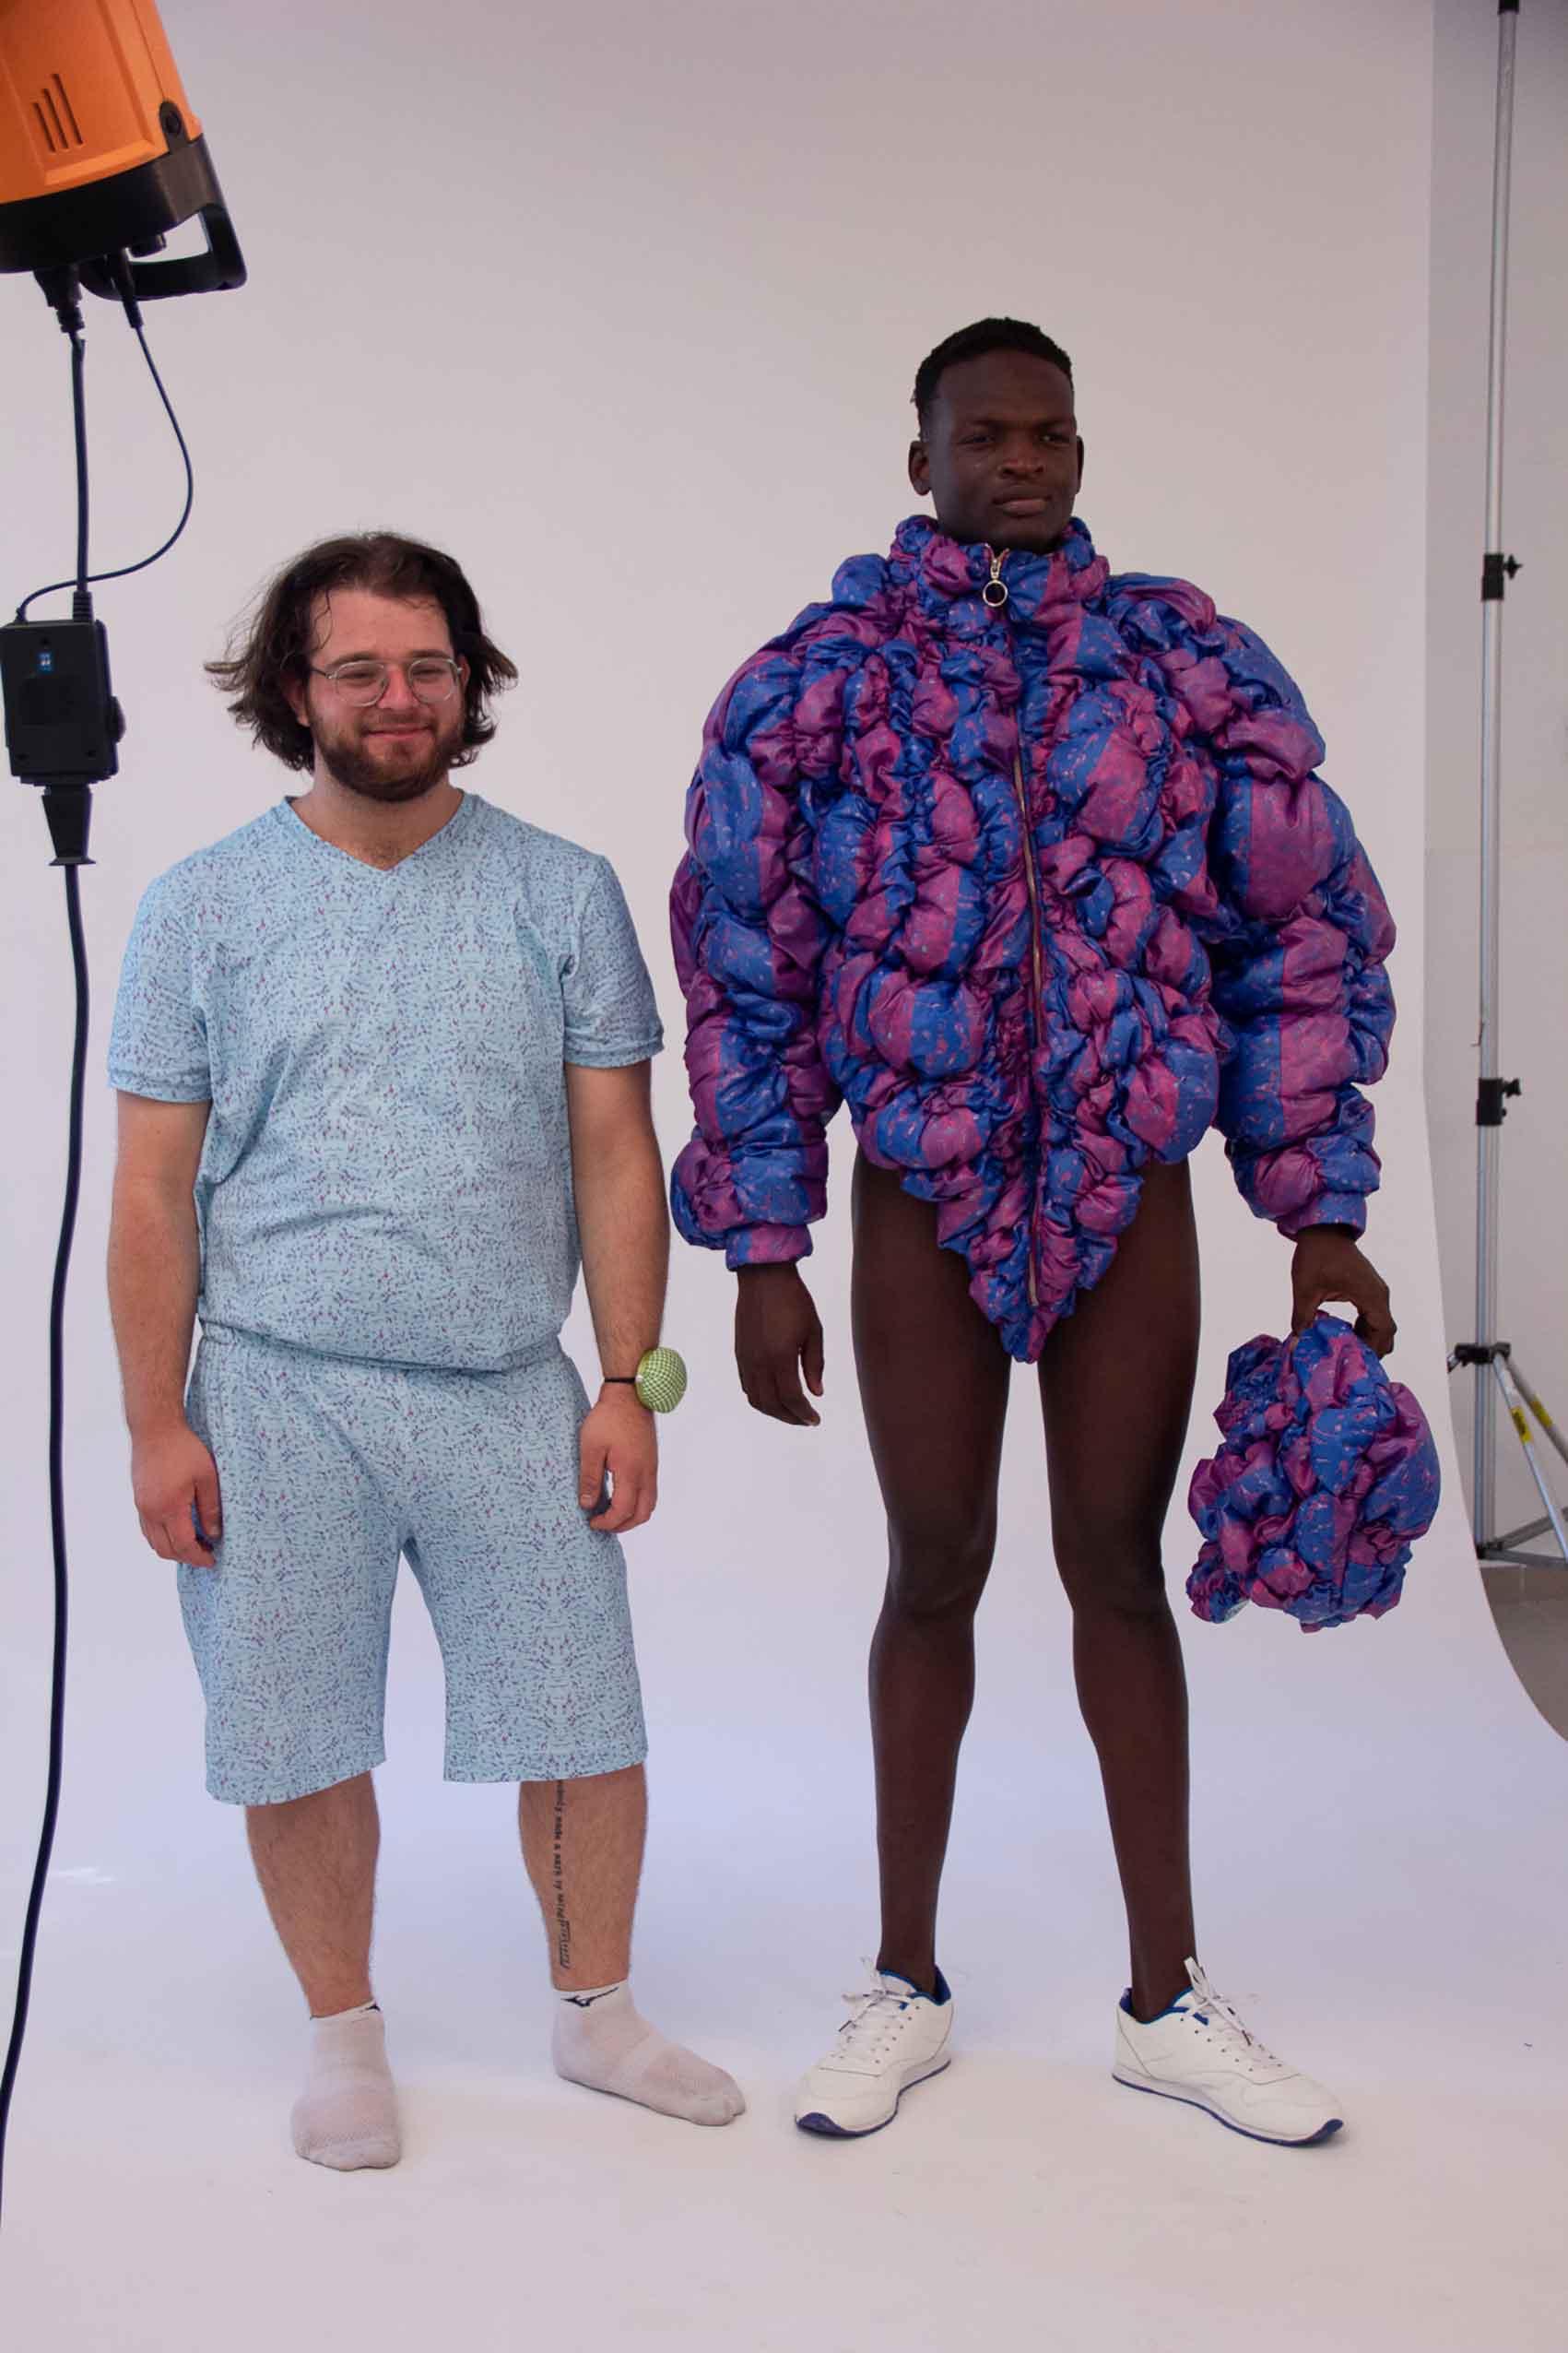 יהונתן שלמה פישר (משמאל) קולקציית גמר 2020, בצלאל, המחלקה לצורפות ואופנה. צילום: עדן זורניצר-מגזין-אופנה